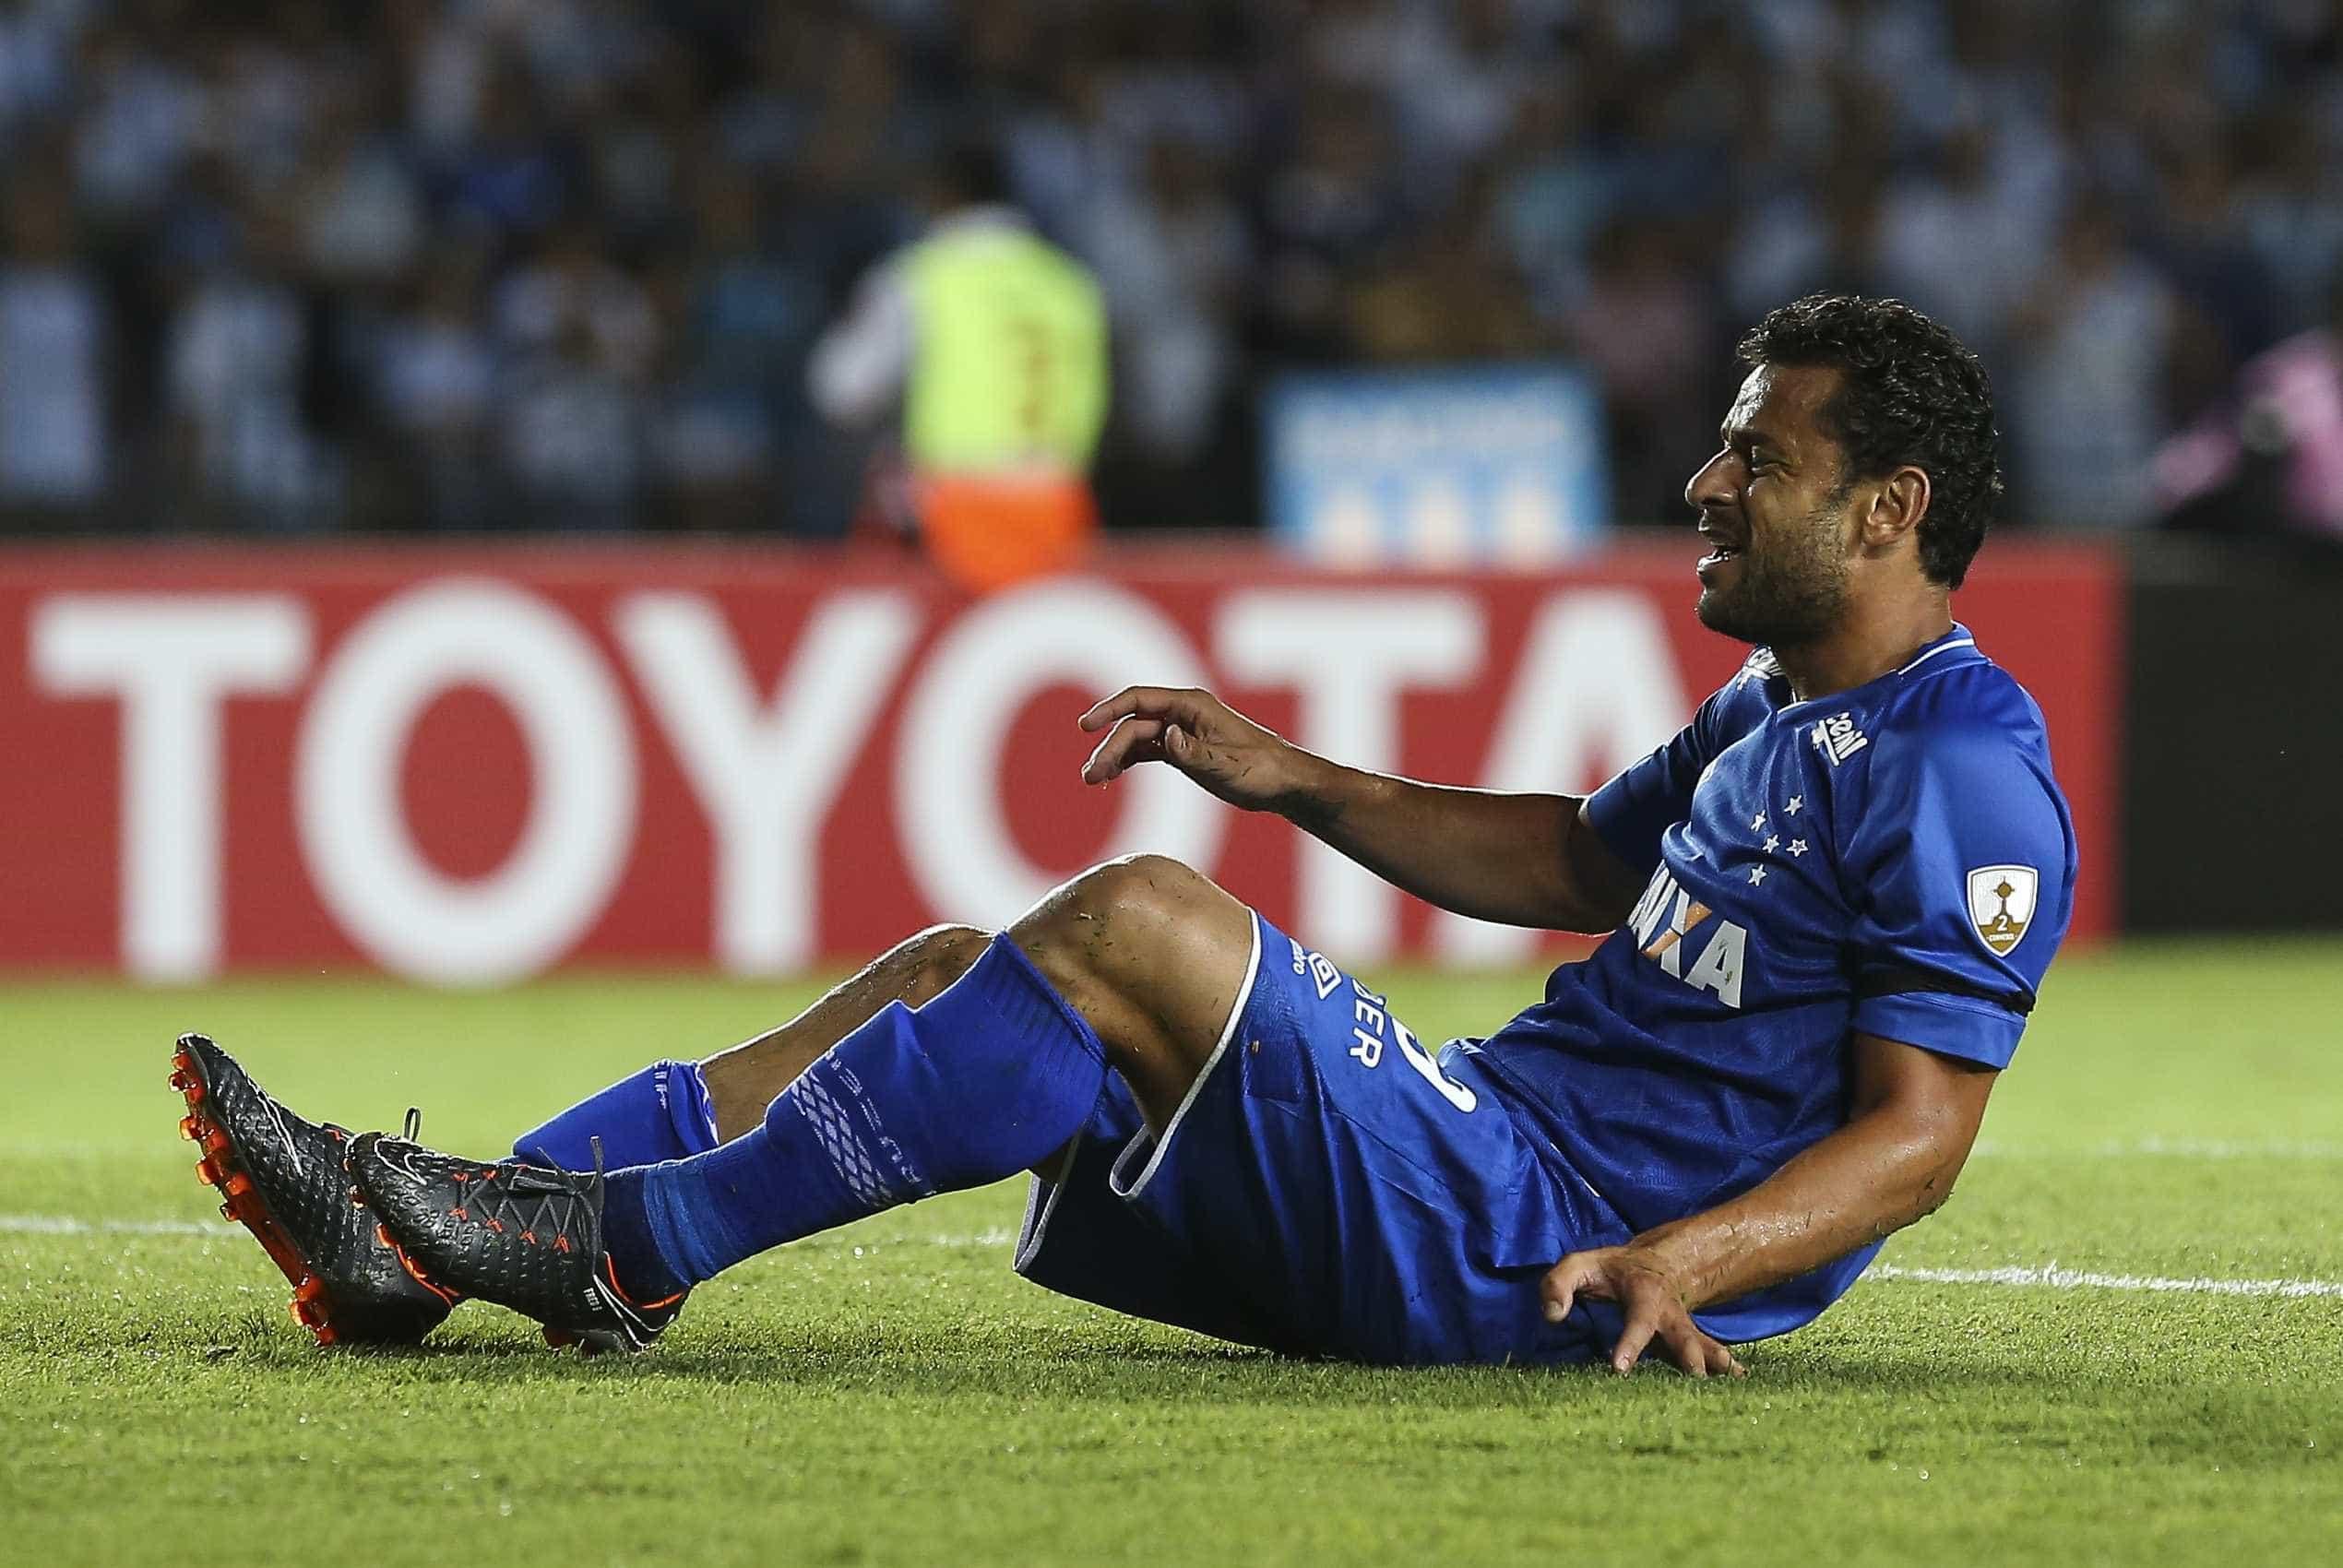 Lesionado, Fred inicia transição para preparação física no Cruzeiro